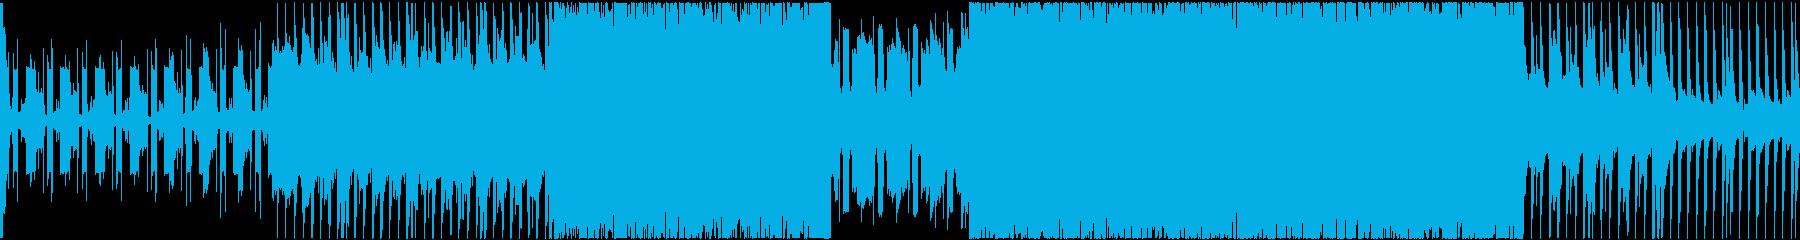 【ループ仕様】シンプルなRPGバトル曲の再生済みの波形